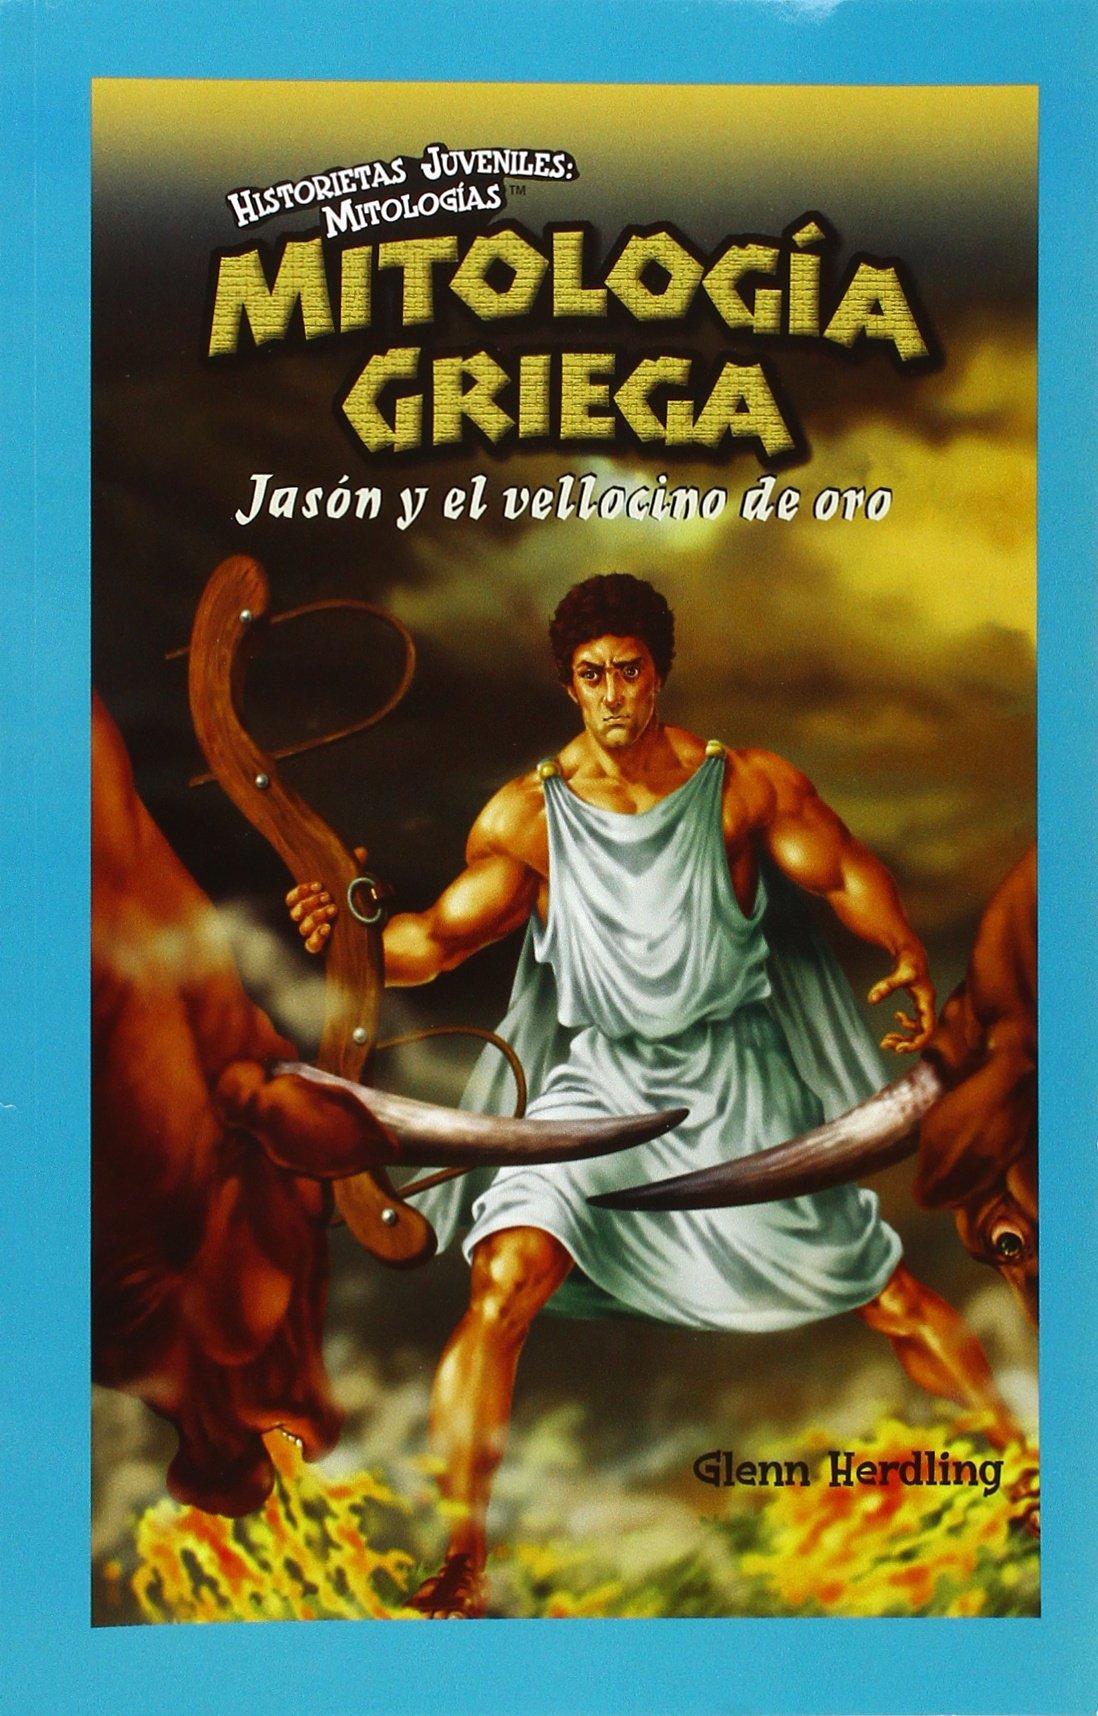 Mitologia Griega: Jason y El Vellocino de Oro Historietas Juveniles. Mitologias: Amazon.es: Glenn Herdling: Libros